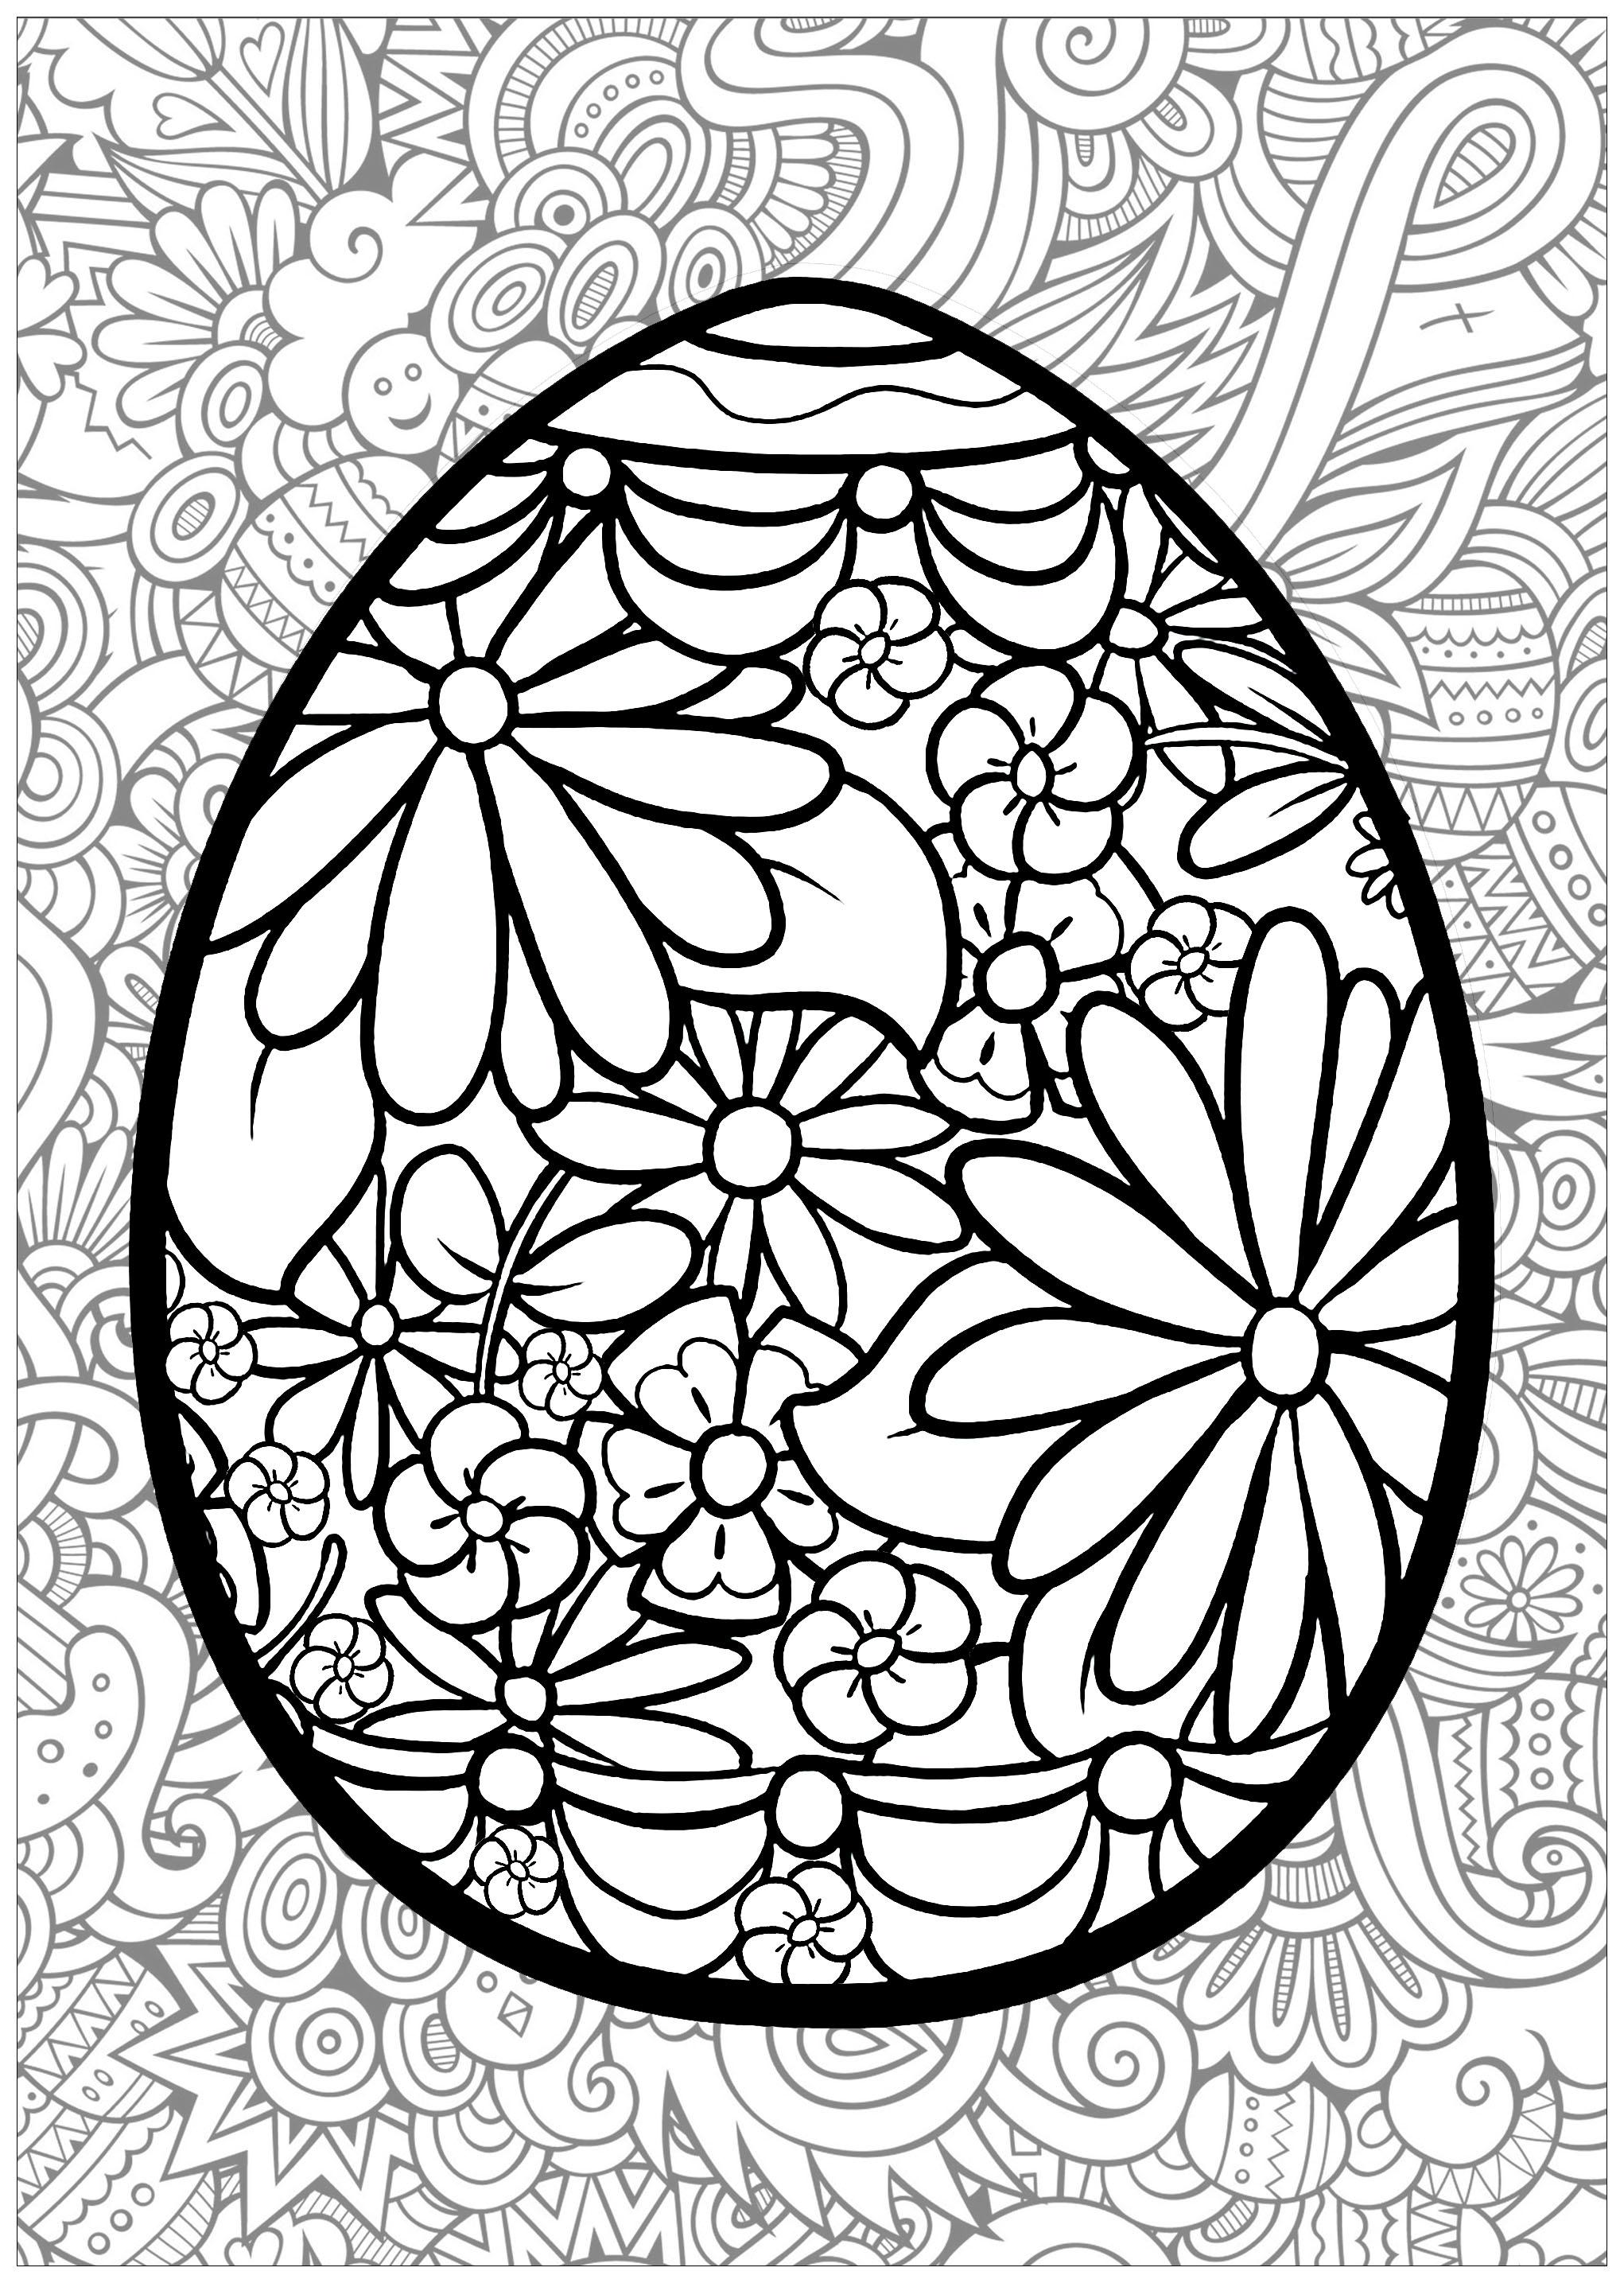 Pasqua 94100 Pasqua Disegni Da Colorare Per Adulti